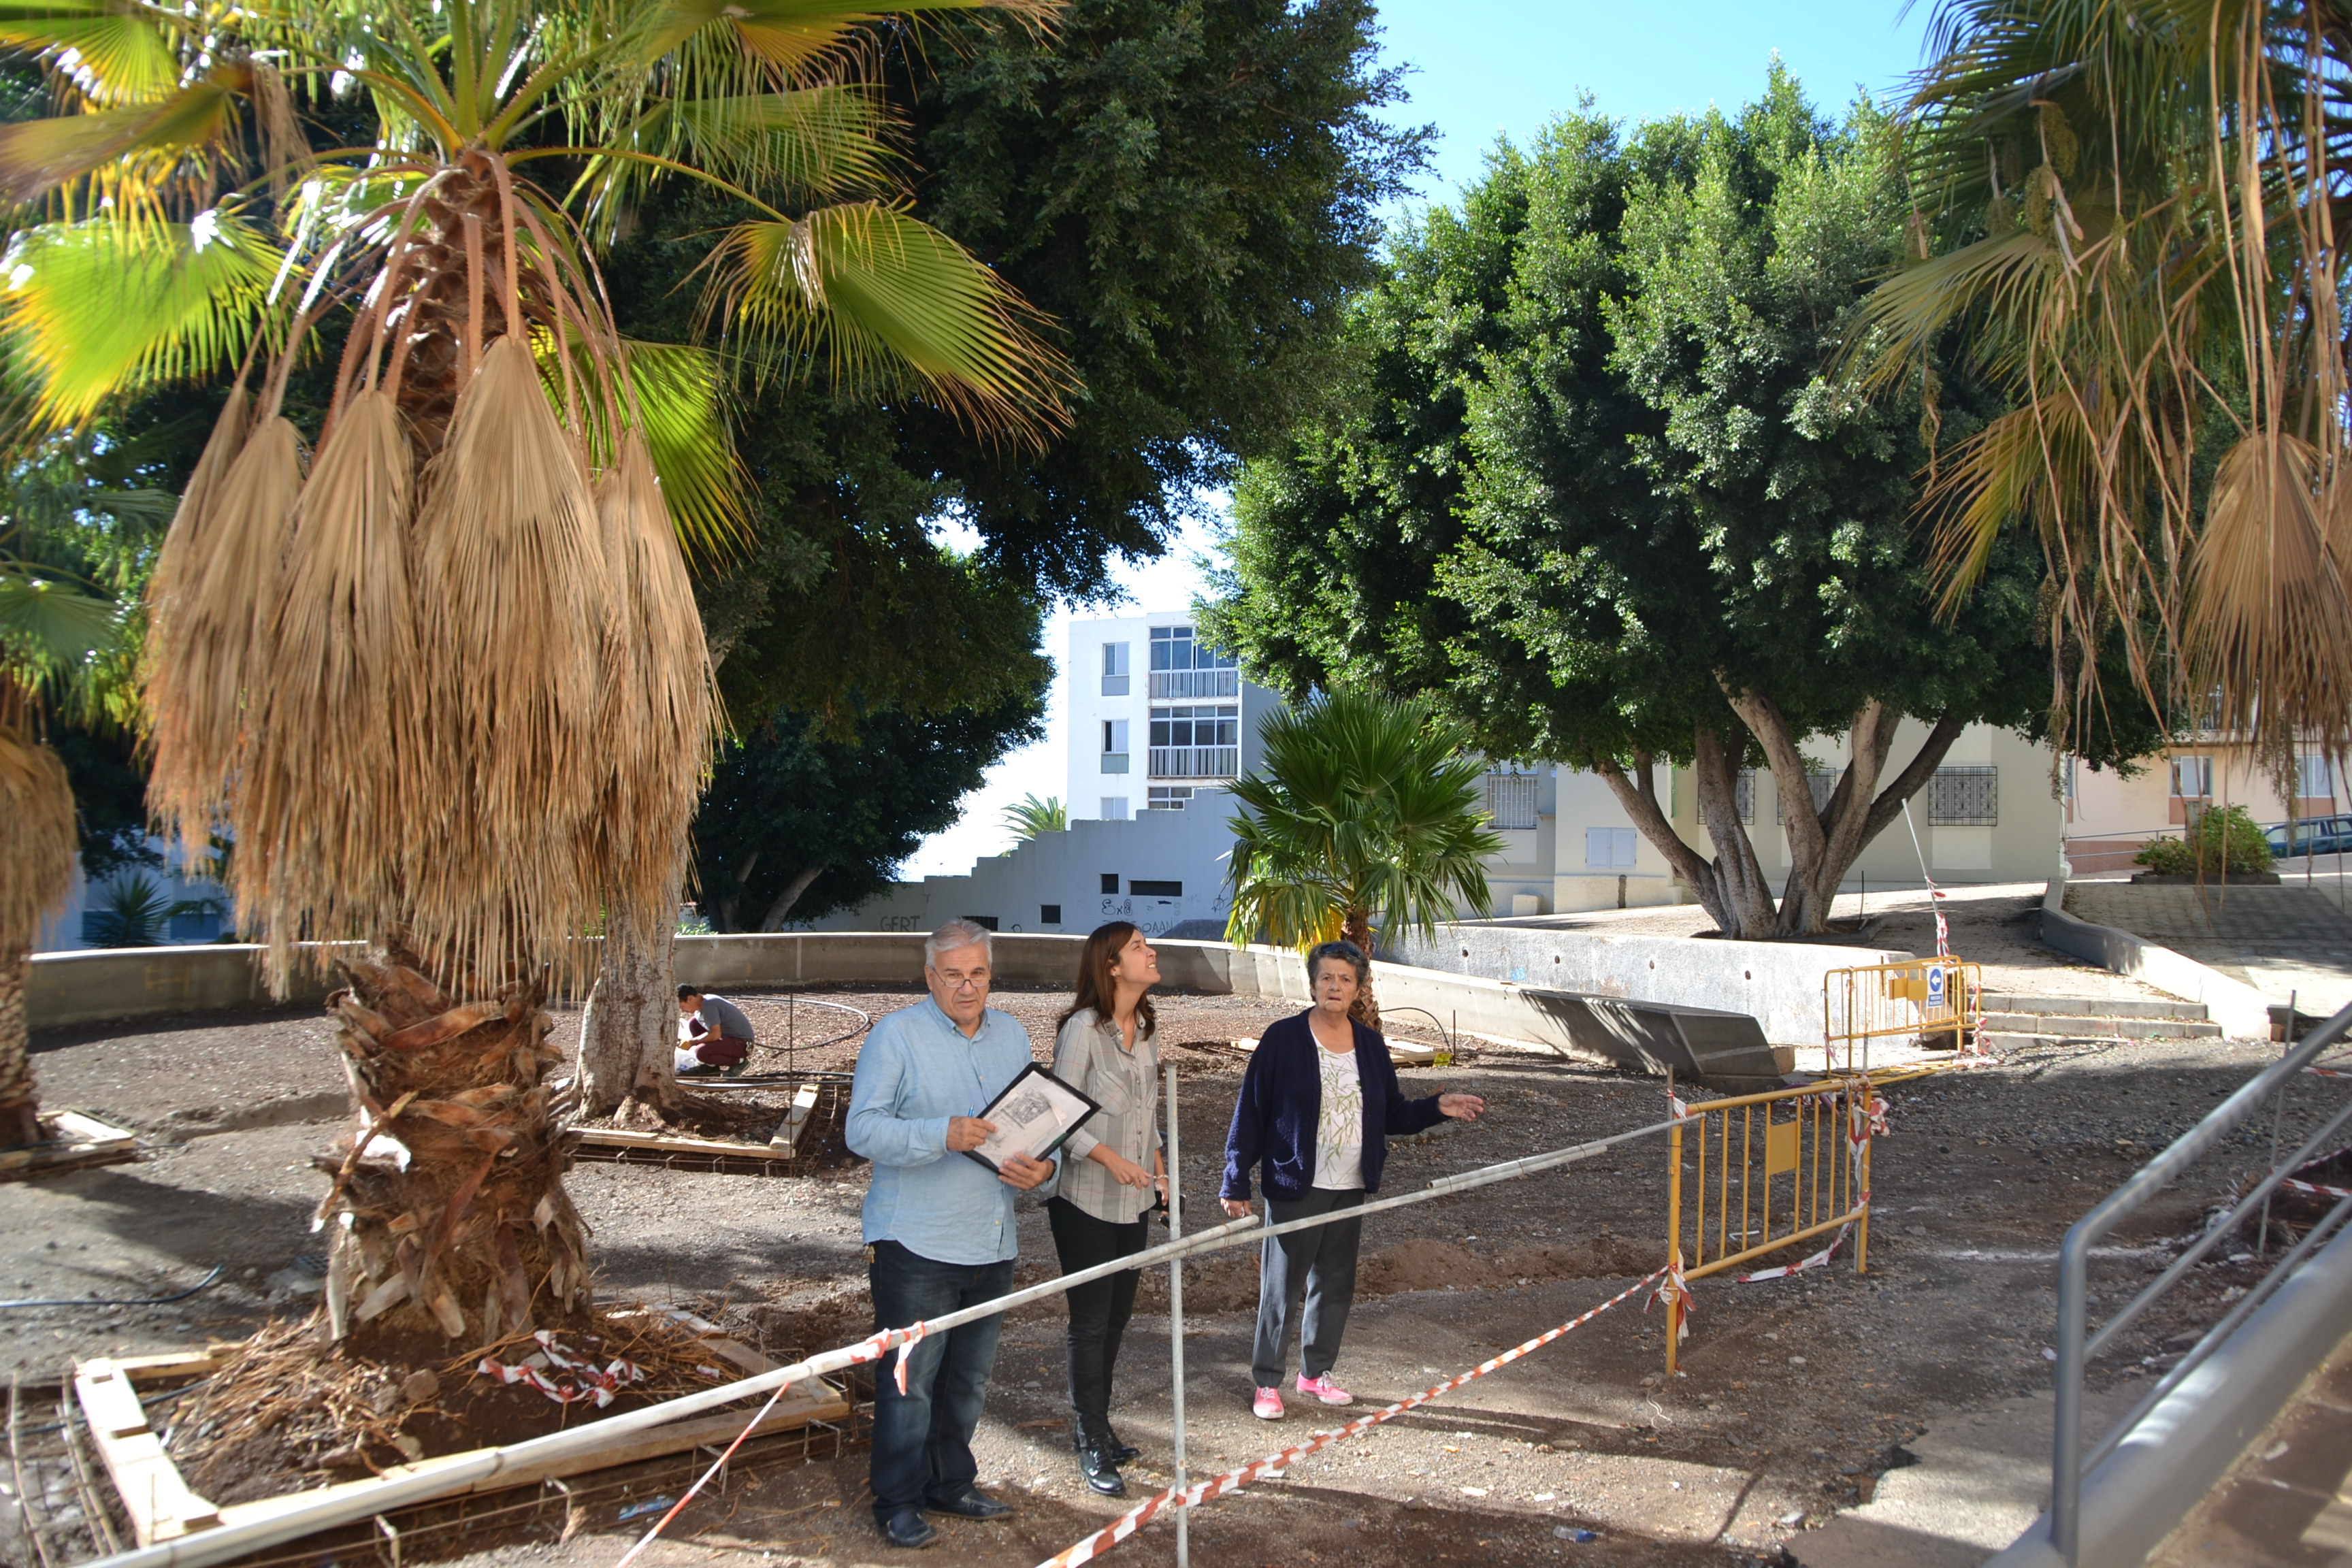 Parques y jardines prosigue con las labores de mantenimiento y poda de los jardines en el - Mantenimiento parques y jardines ...